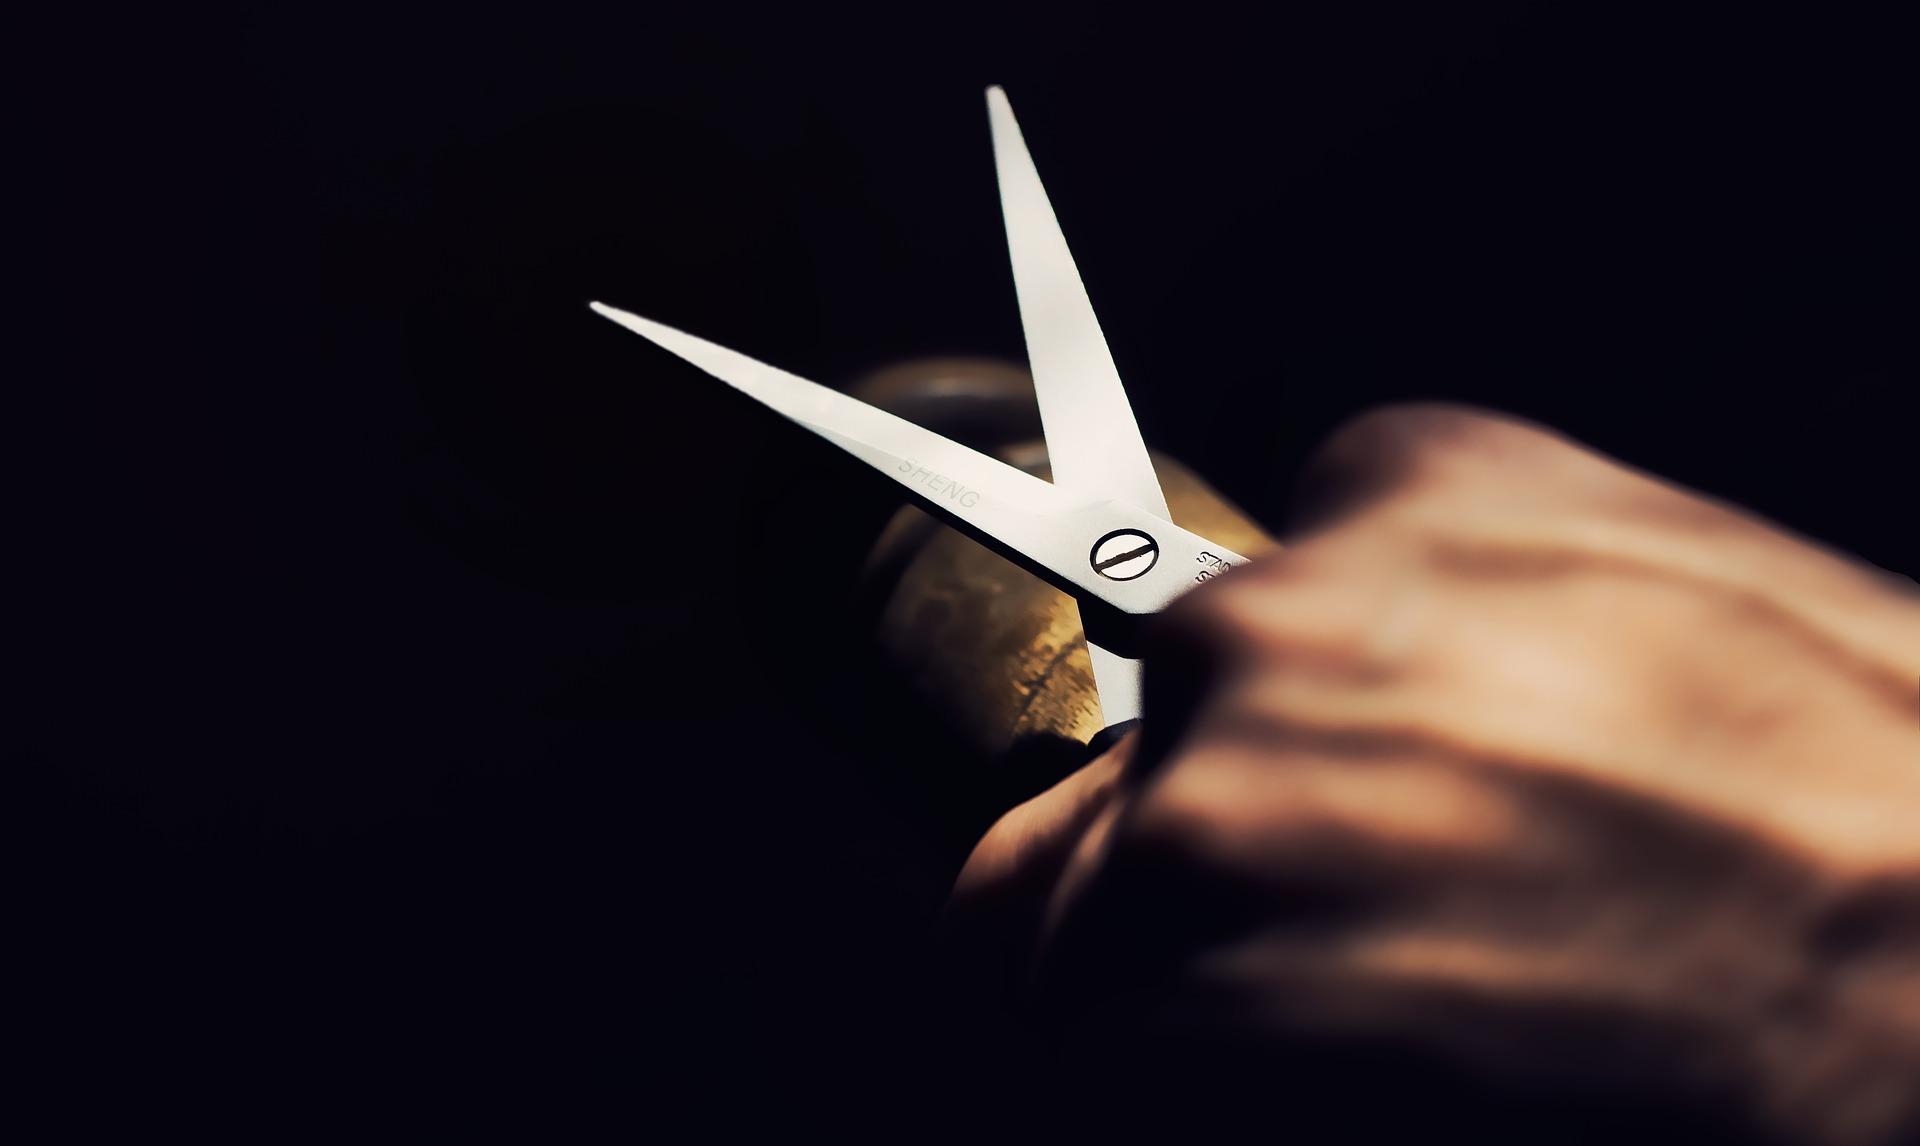 Jak naostrzyć nożyczki?